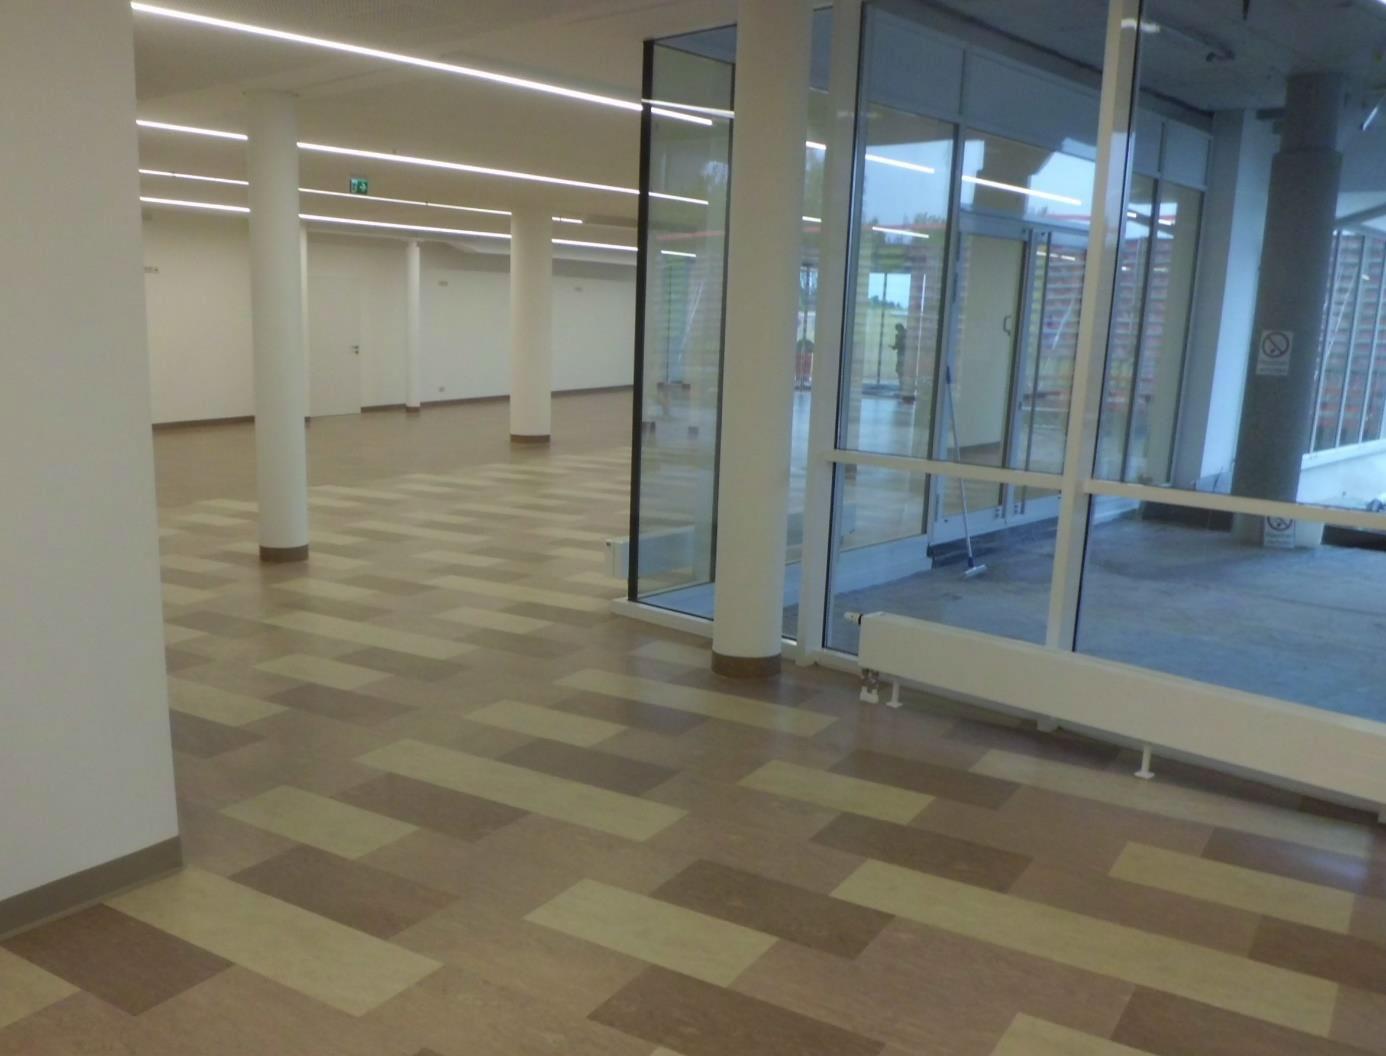 Schön Klinik Bad Aibling – Projekt Verbinder fertiggestellt